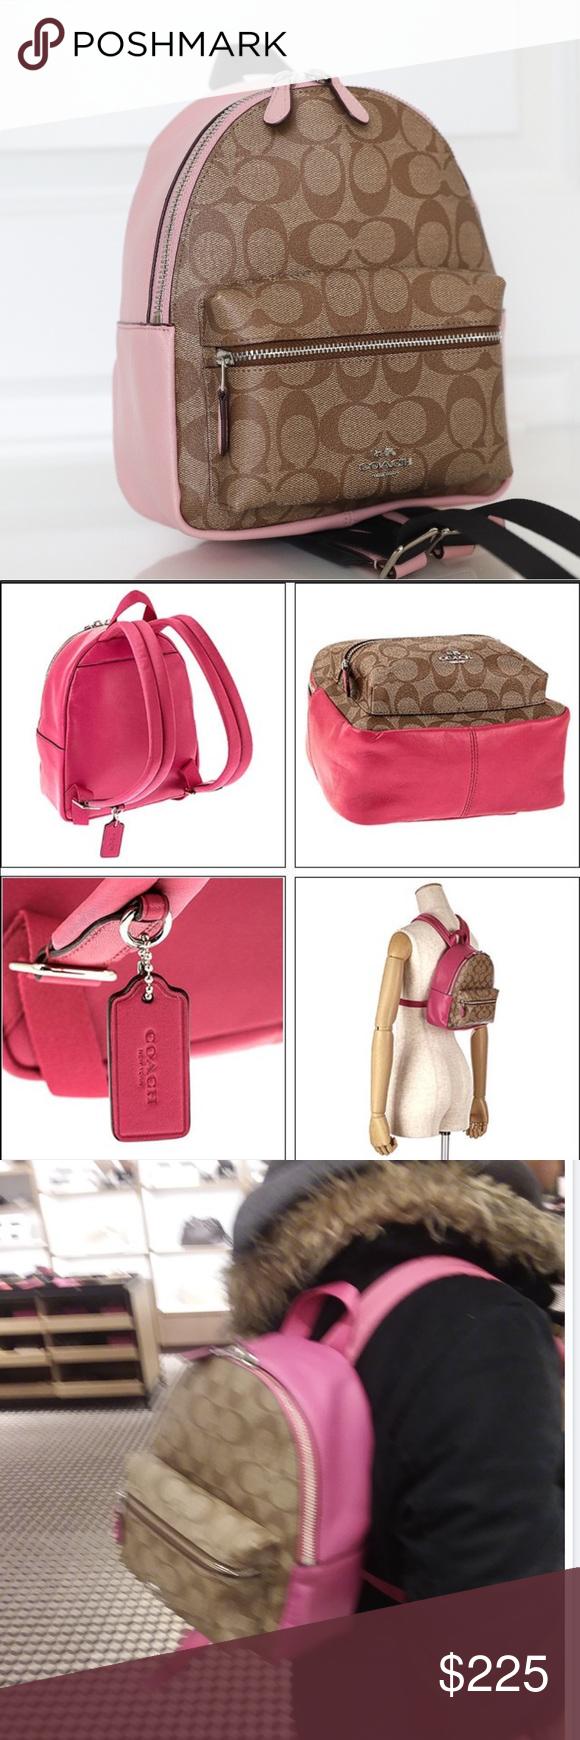 f460be213 ... new zealand coach f58315 mini charlie signature backpack bag never  used. coach mini charles backpack